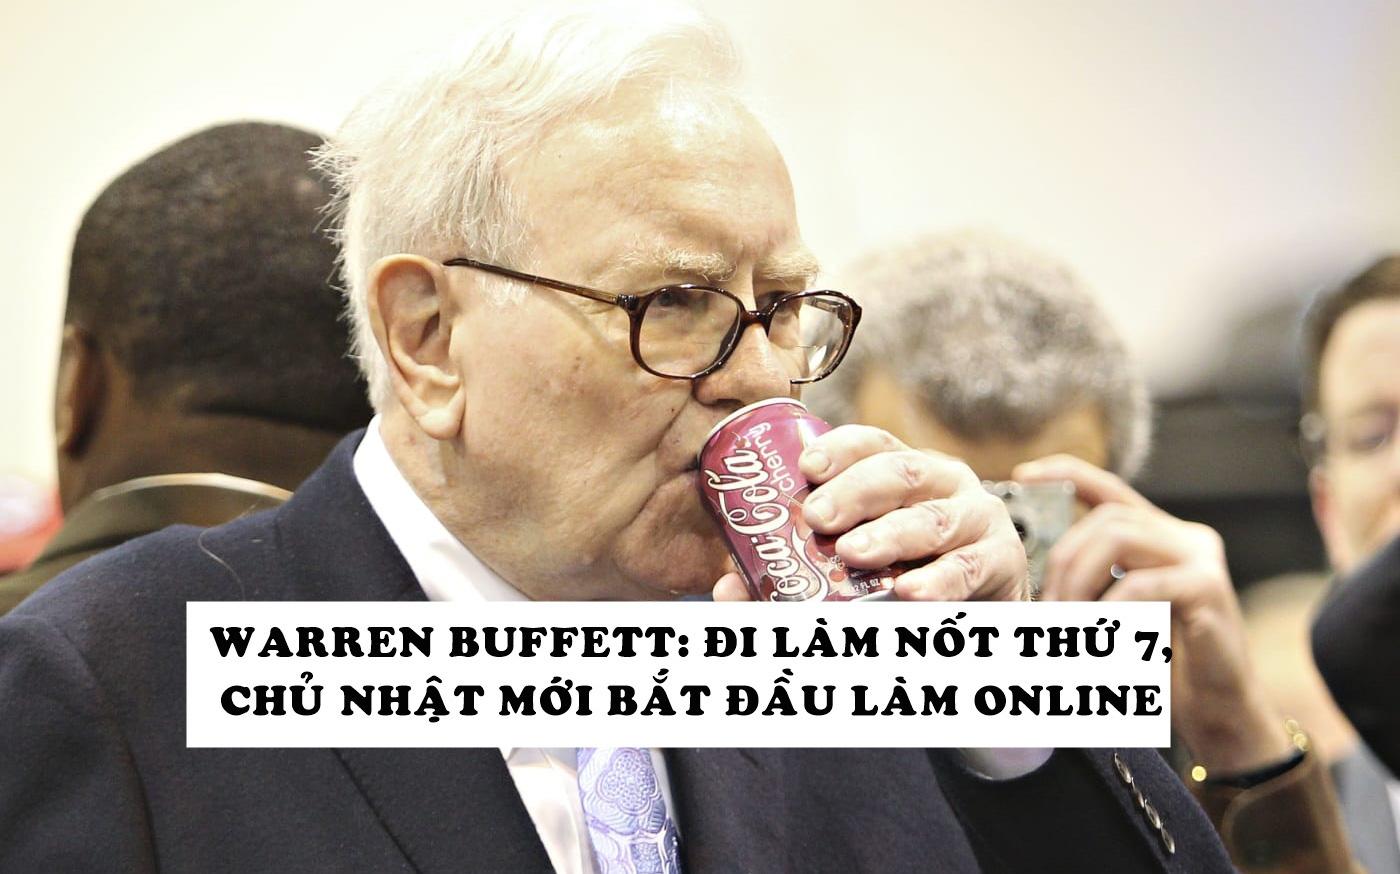 Làm việc tại nhà giữa mùa dịch, Warren Buffett uống nhiều Coca-Cola hơn bình thường và 'vẫn khỏe mạnh 100%'